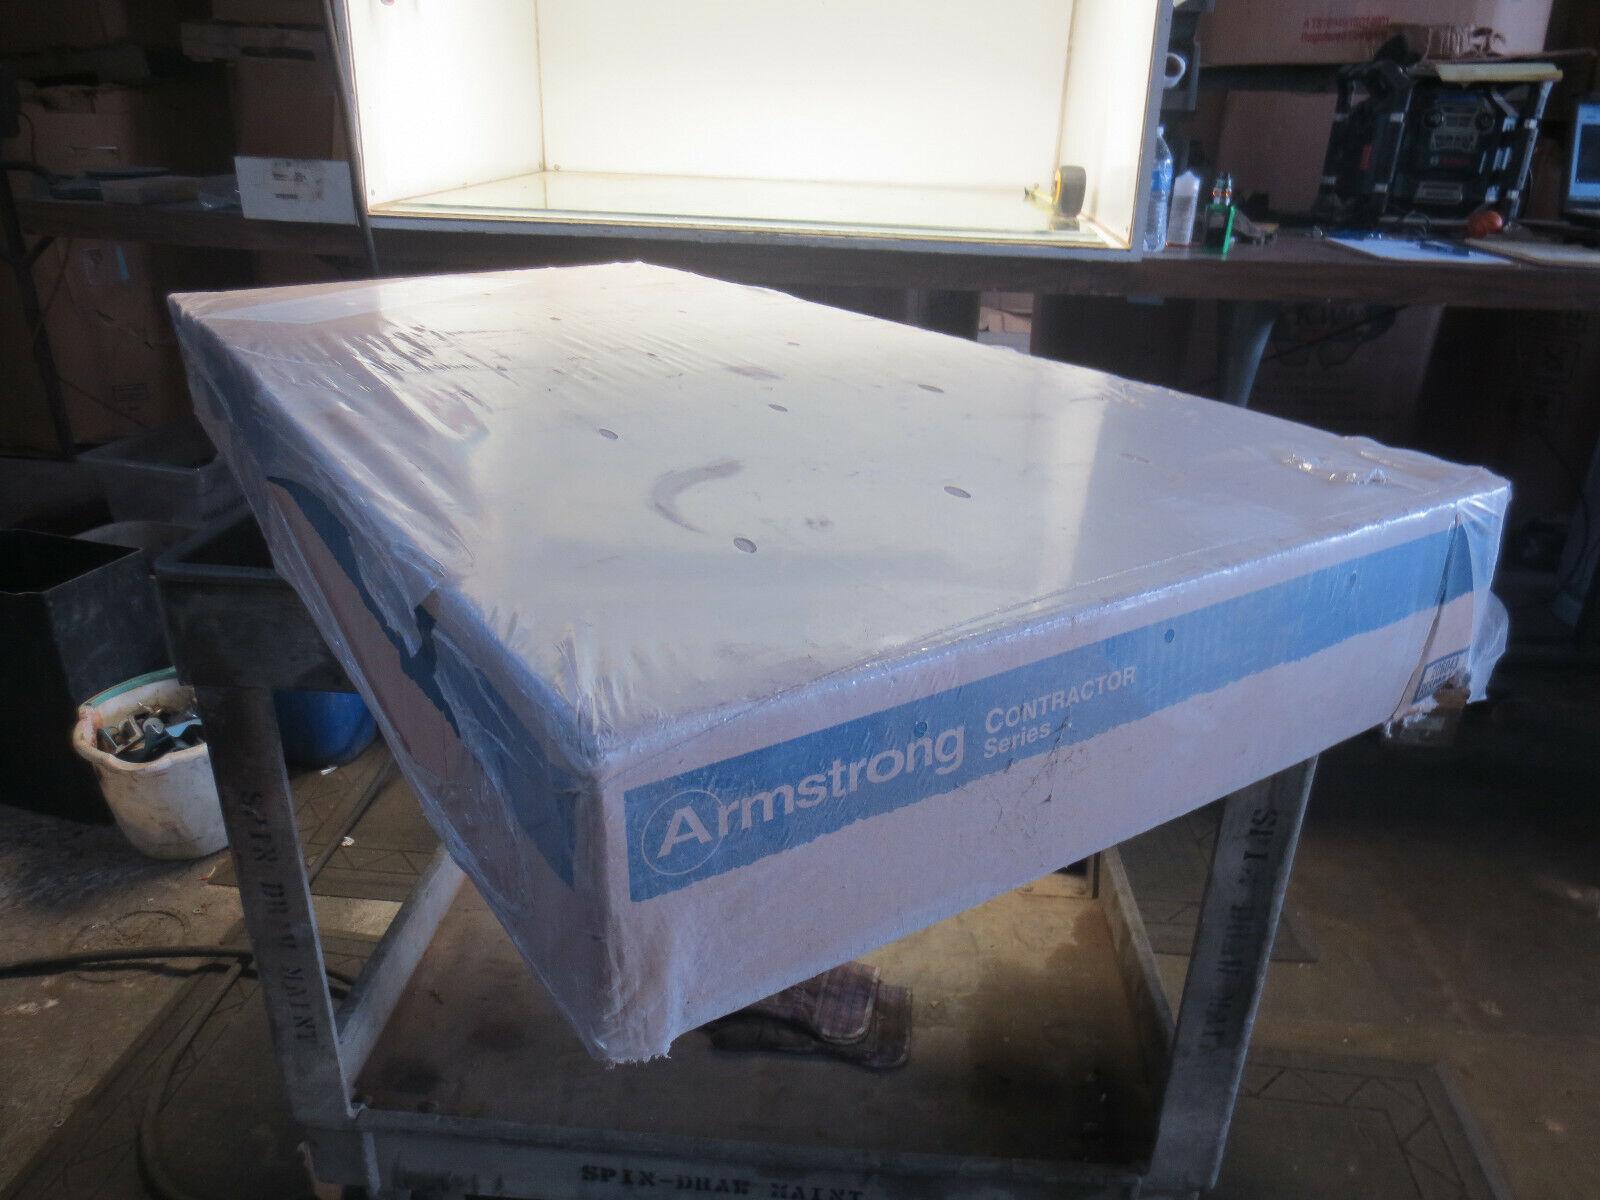 1.2mx2 'Acoustical Tiefer Cealing Fliesen (10 Pk) Armstrong